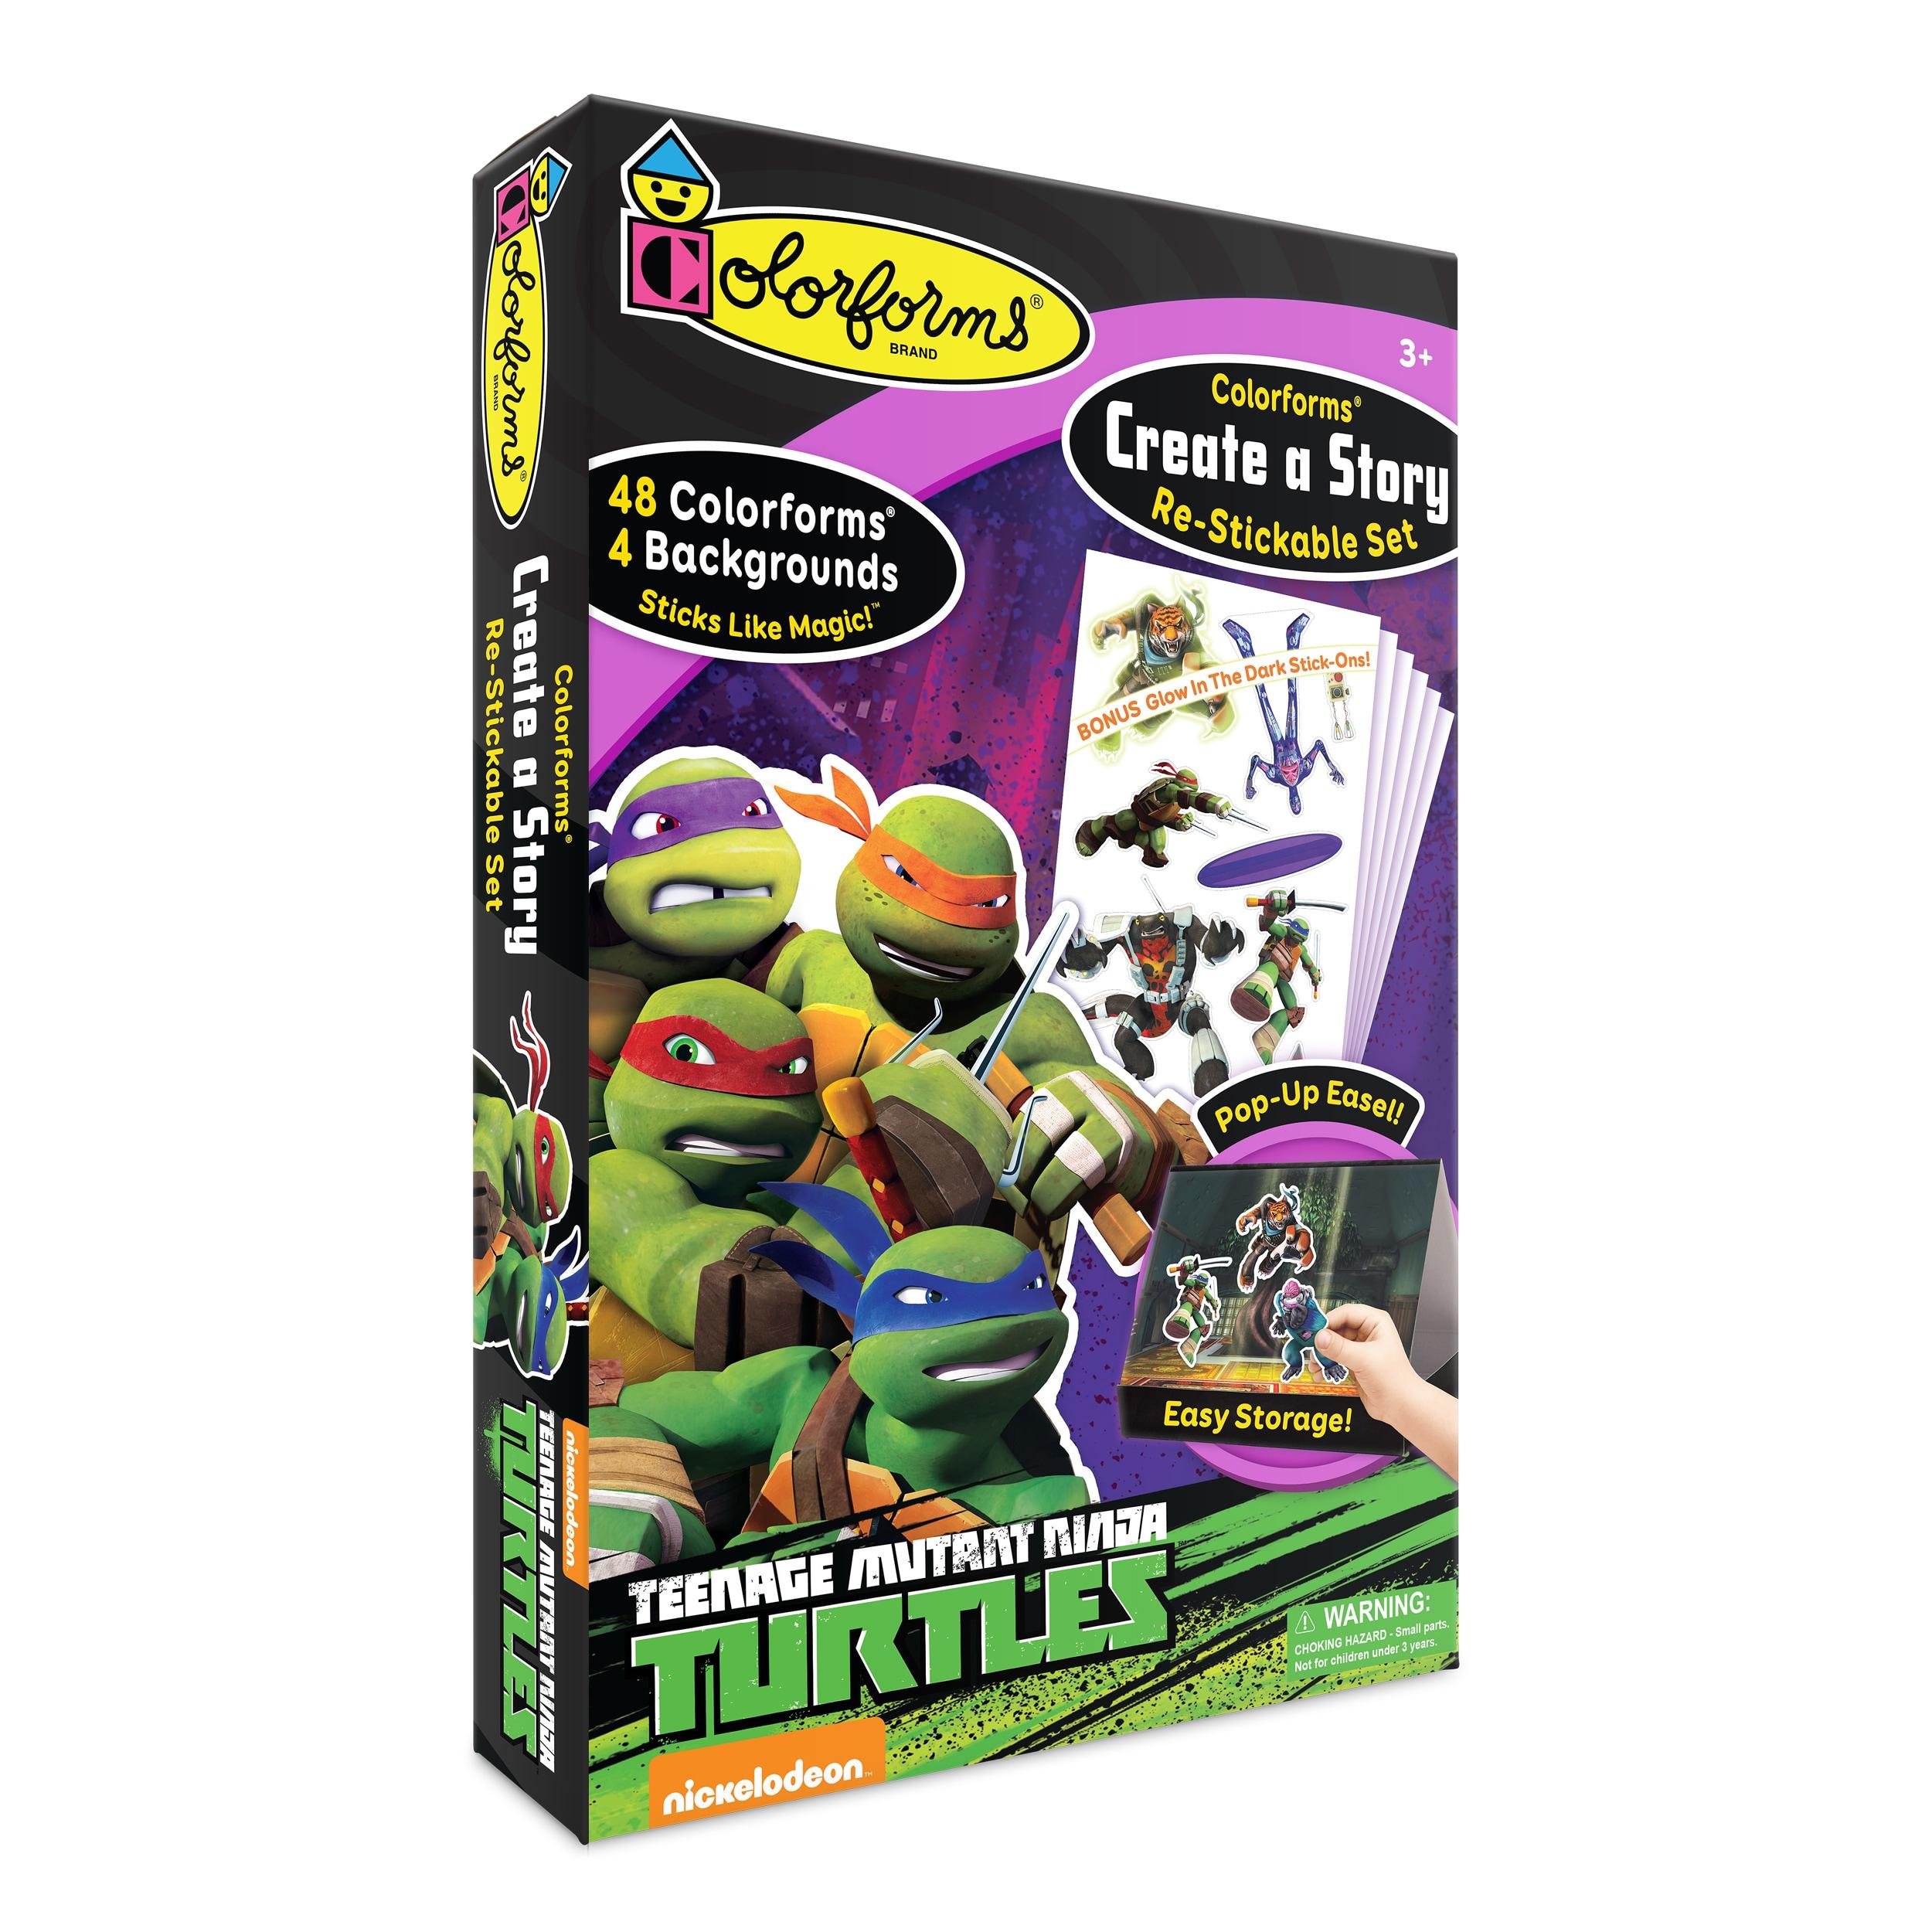 License 2 Play Teenage Mutant Ninja Turtles Colorforms Cr...